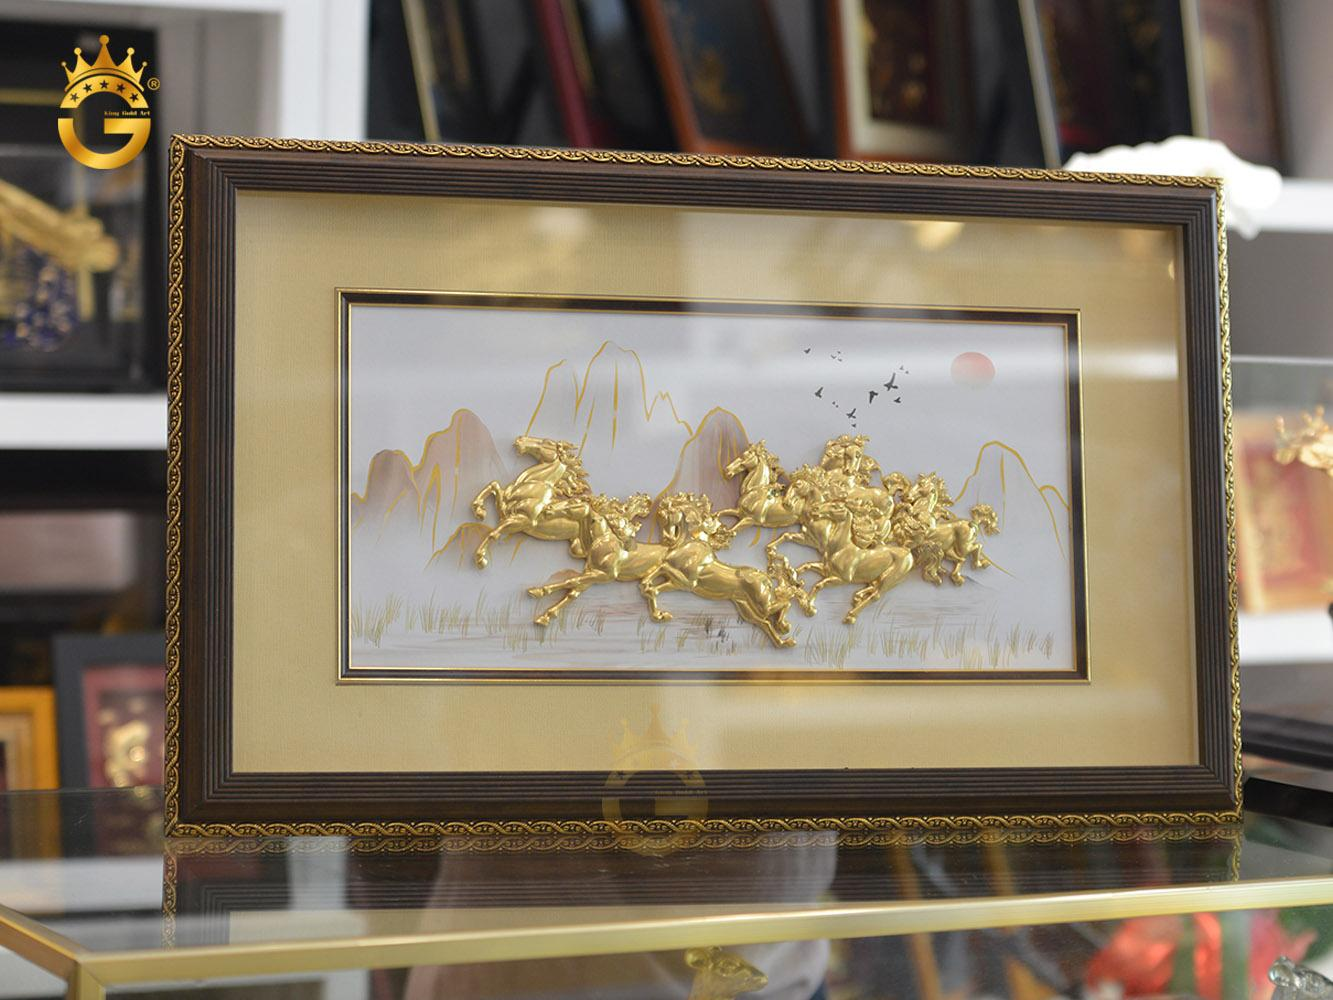 Quà tặng tranh vàng mã đáo thành công làm quà tặng khai trương ý nghĩa